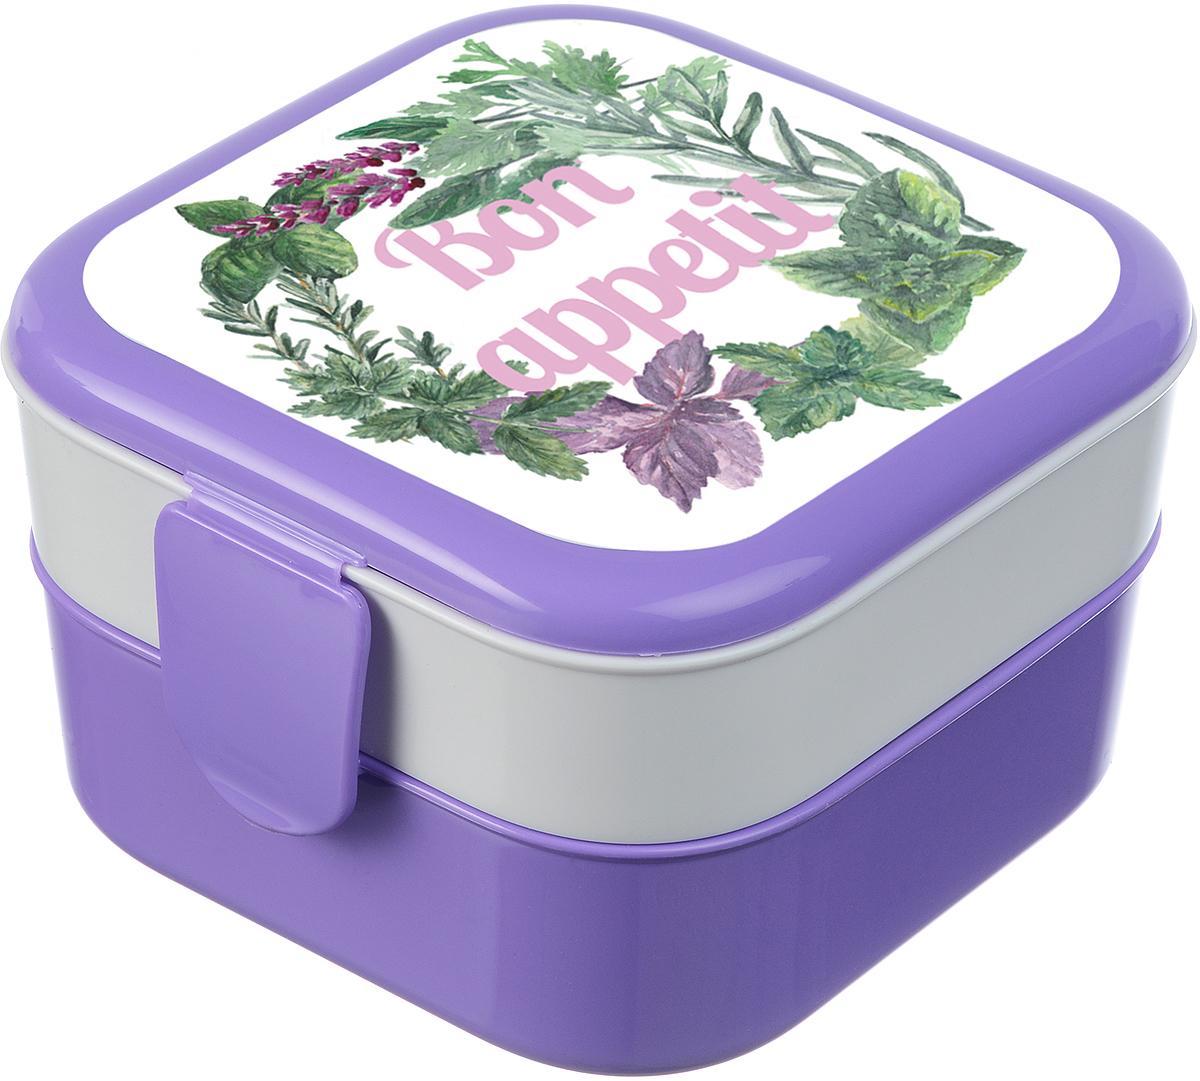 Обтекаемые формы без углов, яркий дизайн, безопасная пластмасса - это изделия от IDEA. Состоит из двух отделений, которые просто собрать и застегнуть на защелку. Бутерброд, нарезанные.  фрукты, ягоды, печенье и многое другое можно положить в контейнеры.  И они сохранят свежесть продуктов, не смешивая их аромат. Декоры нанесены по методу вплавления.  Они яркие, безопасные и прочные.